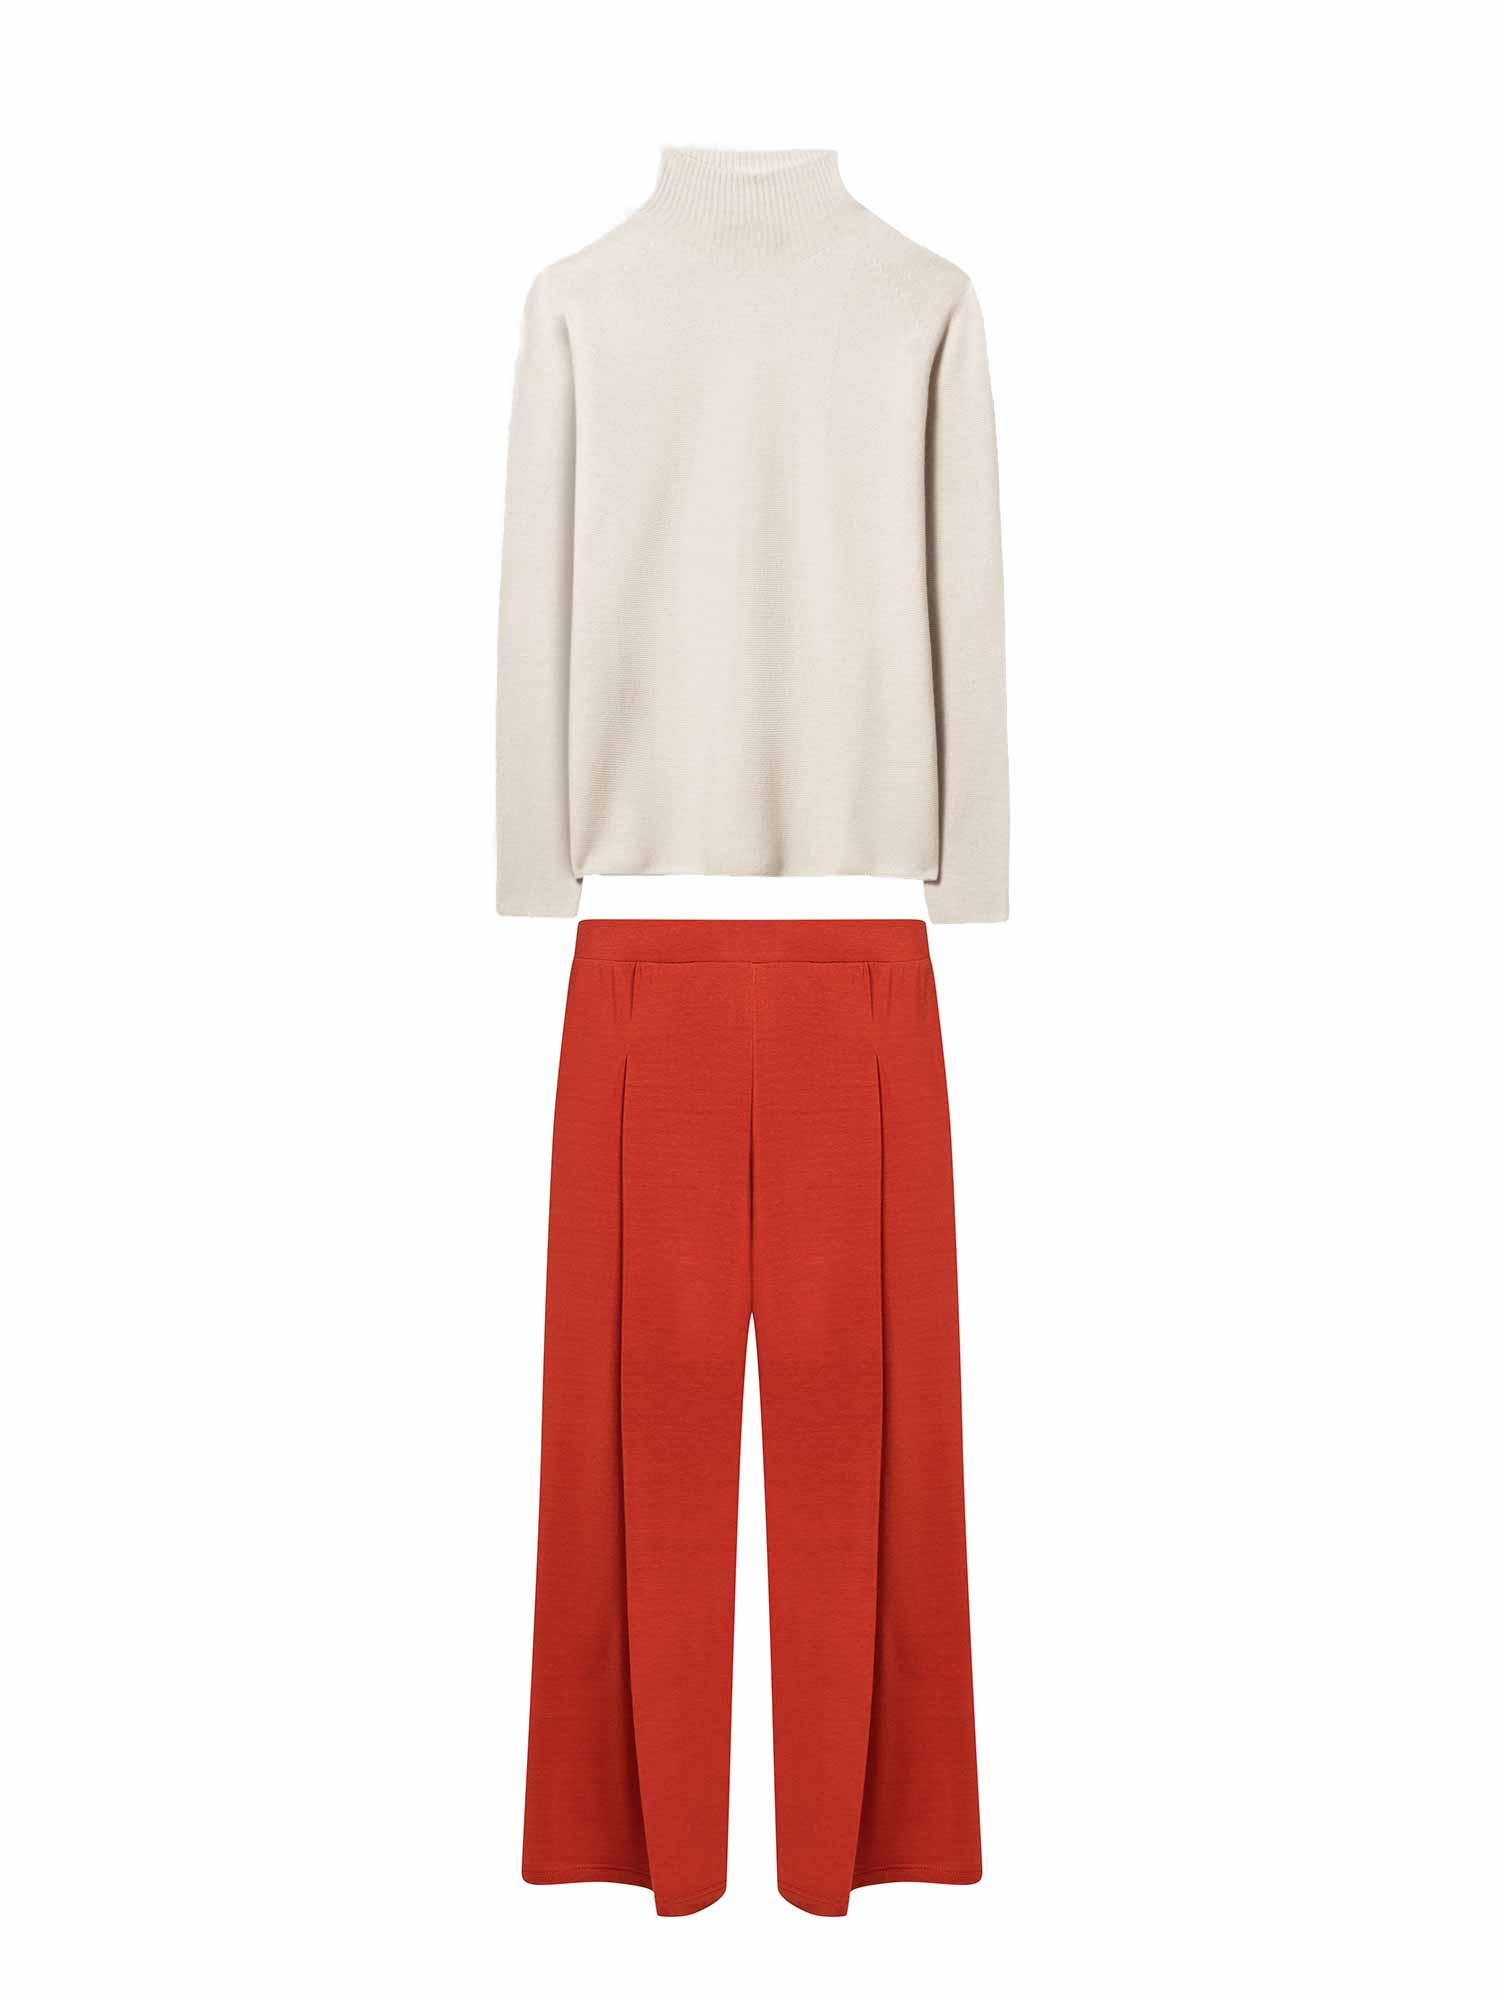 Rote Culotte von mey kombiniert zu hochwertigem Strick von Luisa Cerano